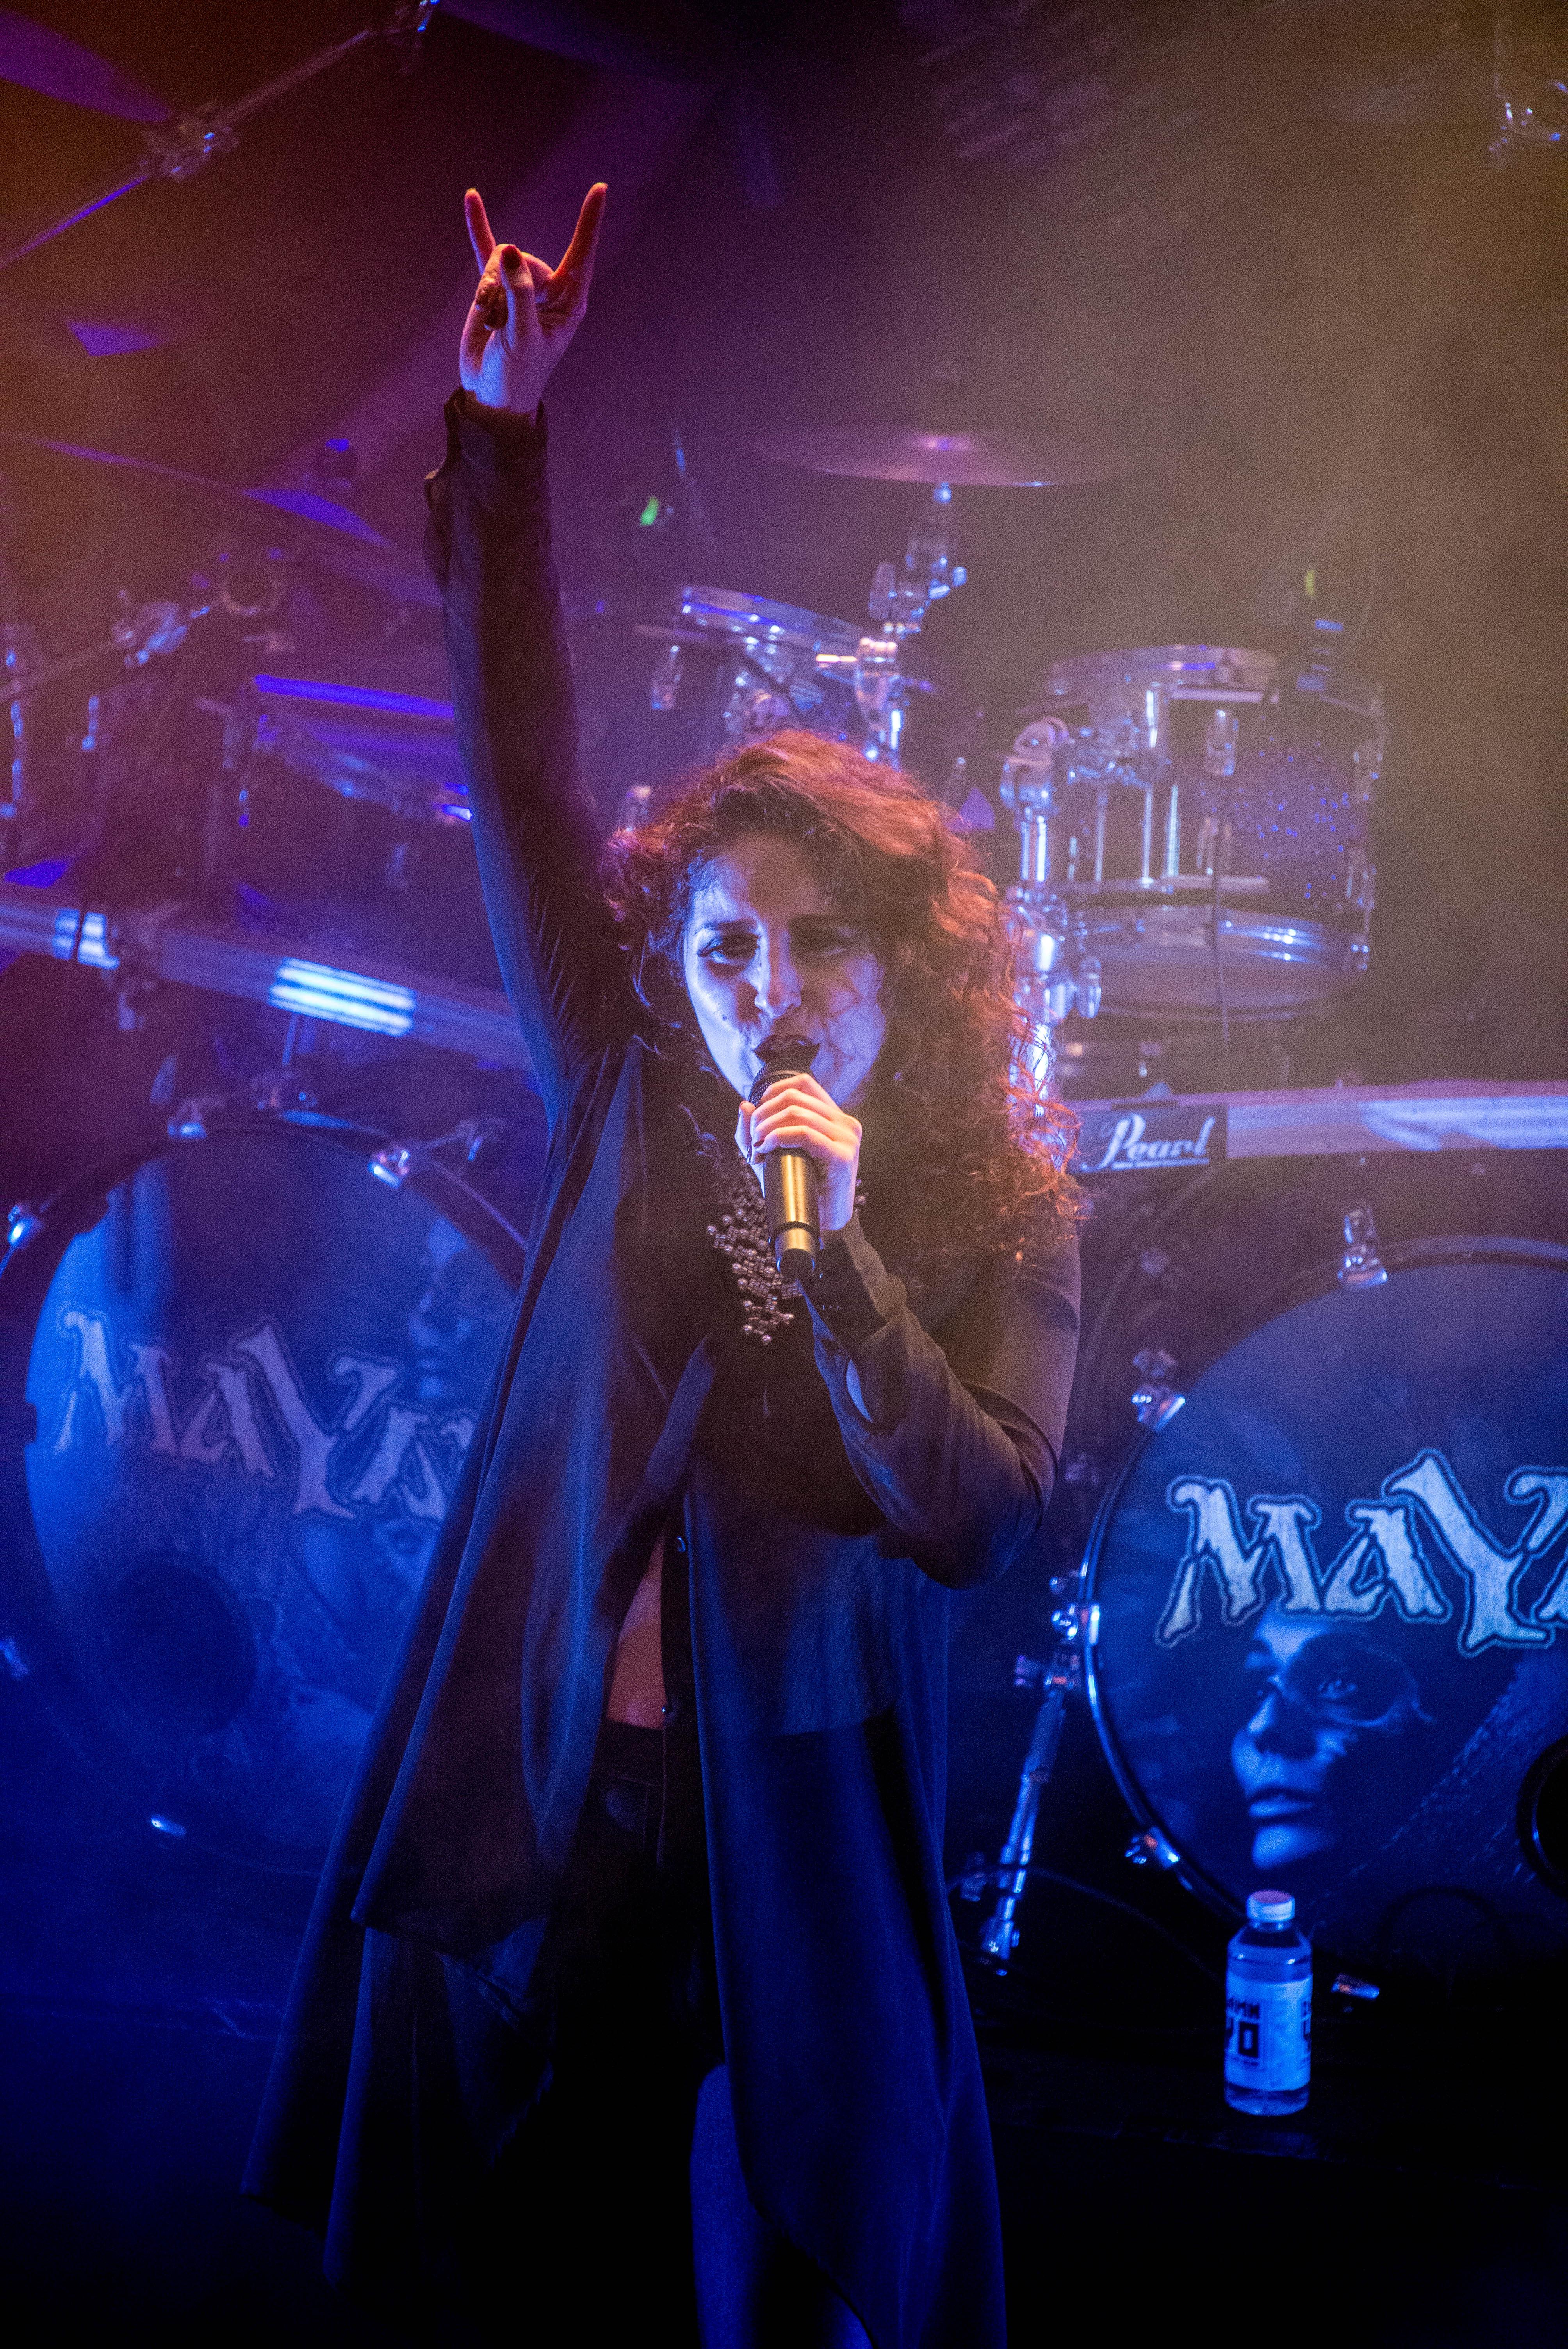 Marcela Bovio de Mayan en concert à Eindhoven en 2019